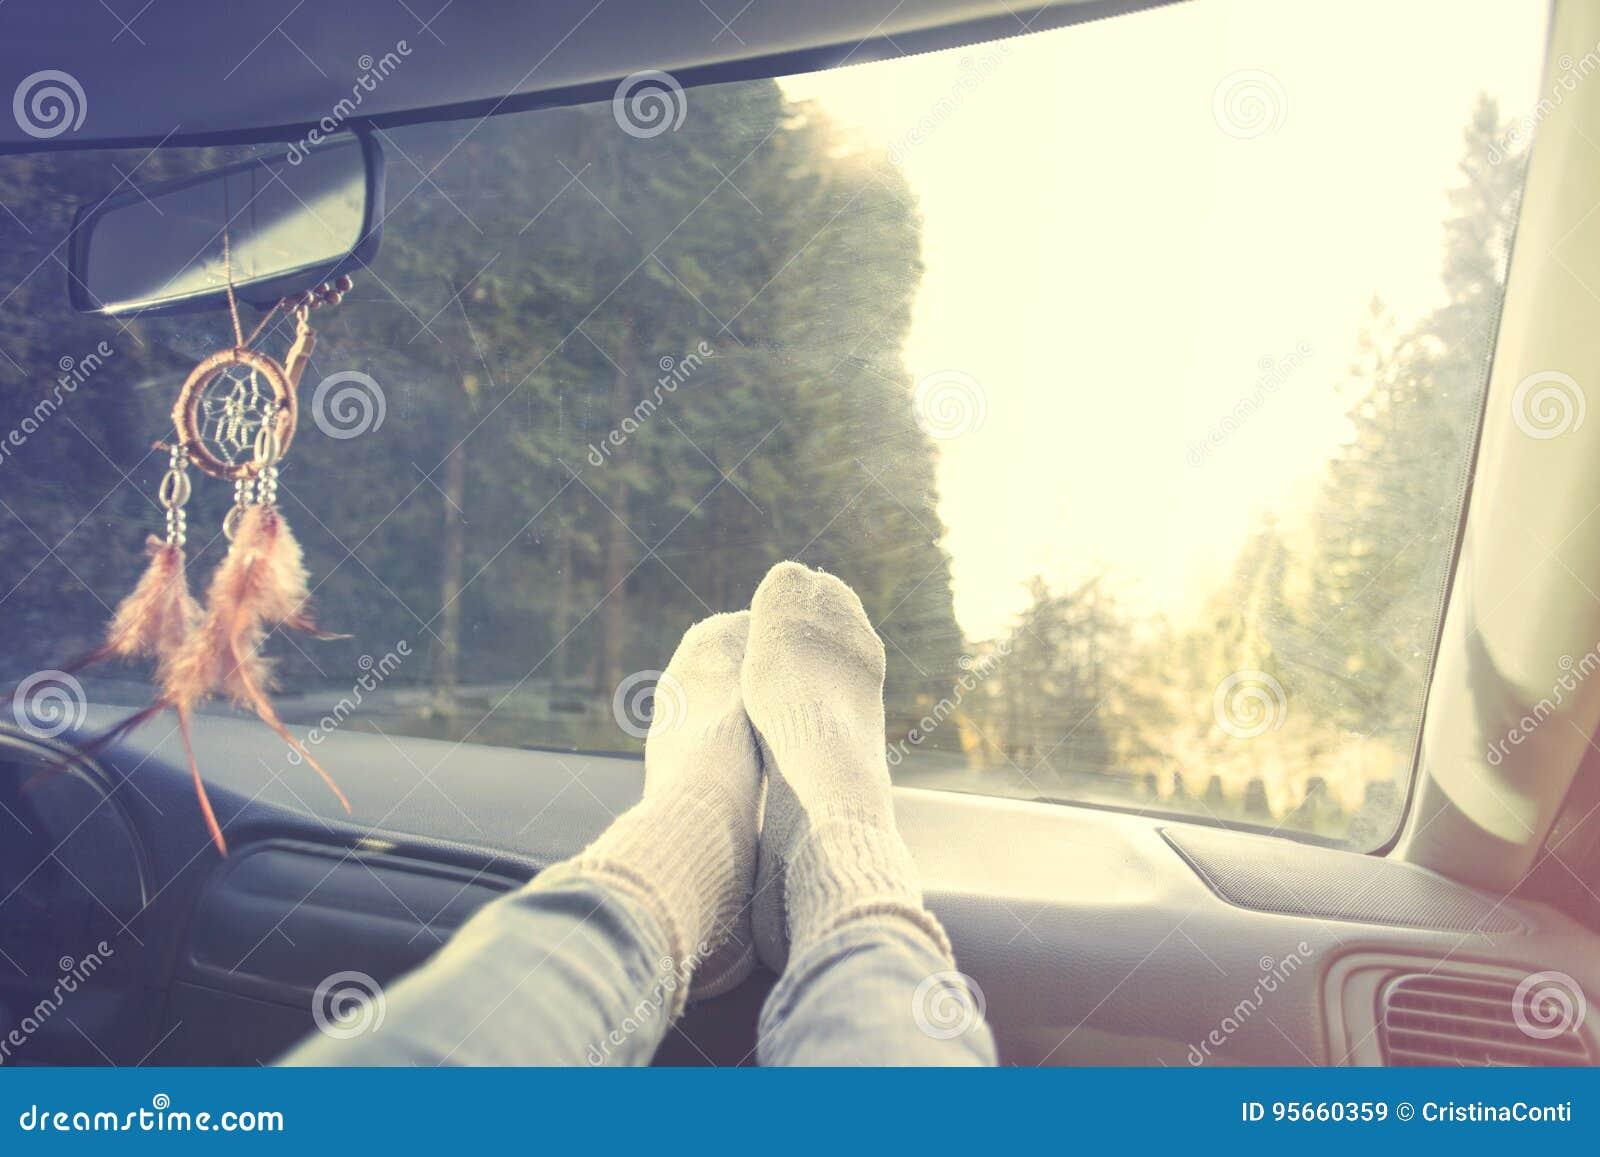 Расслабленная персона с ногами на приборной панели во время отключения автомобиля